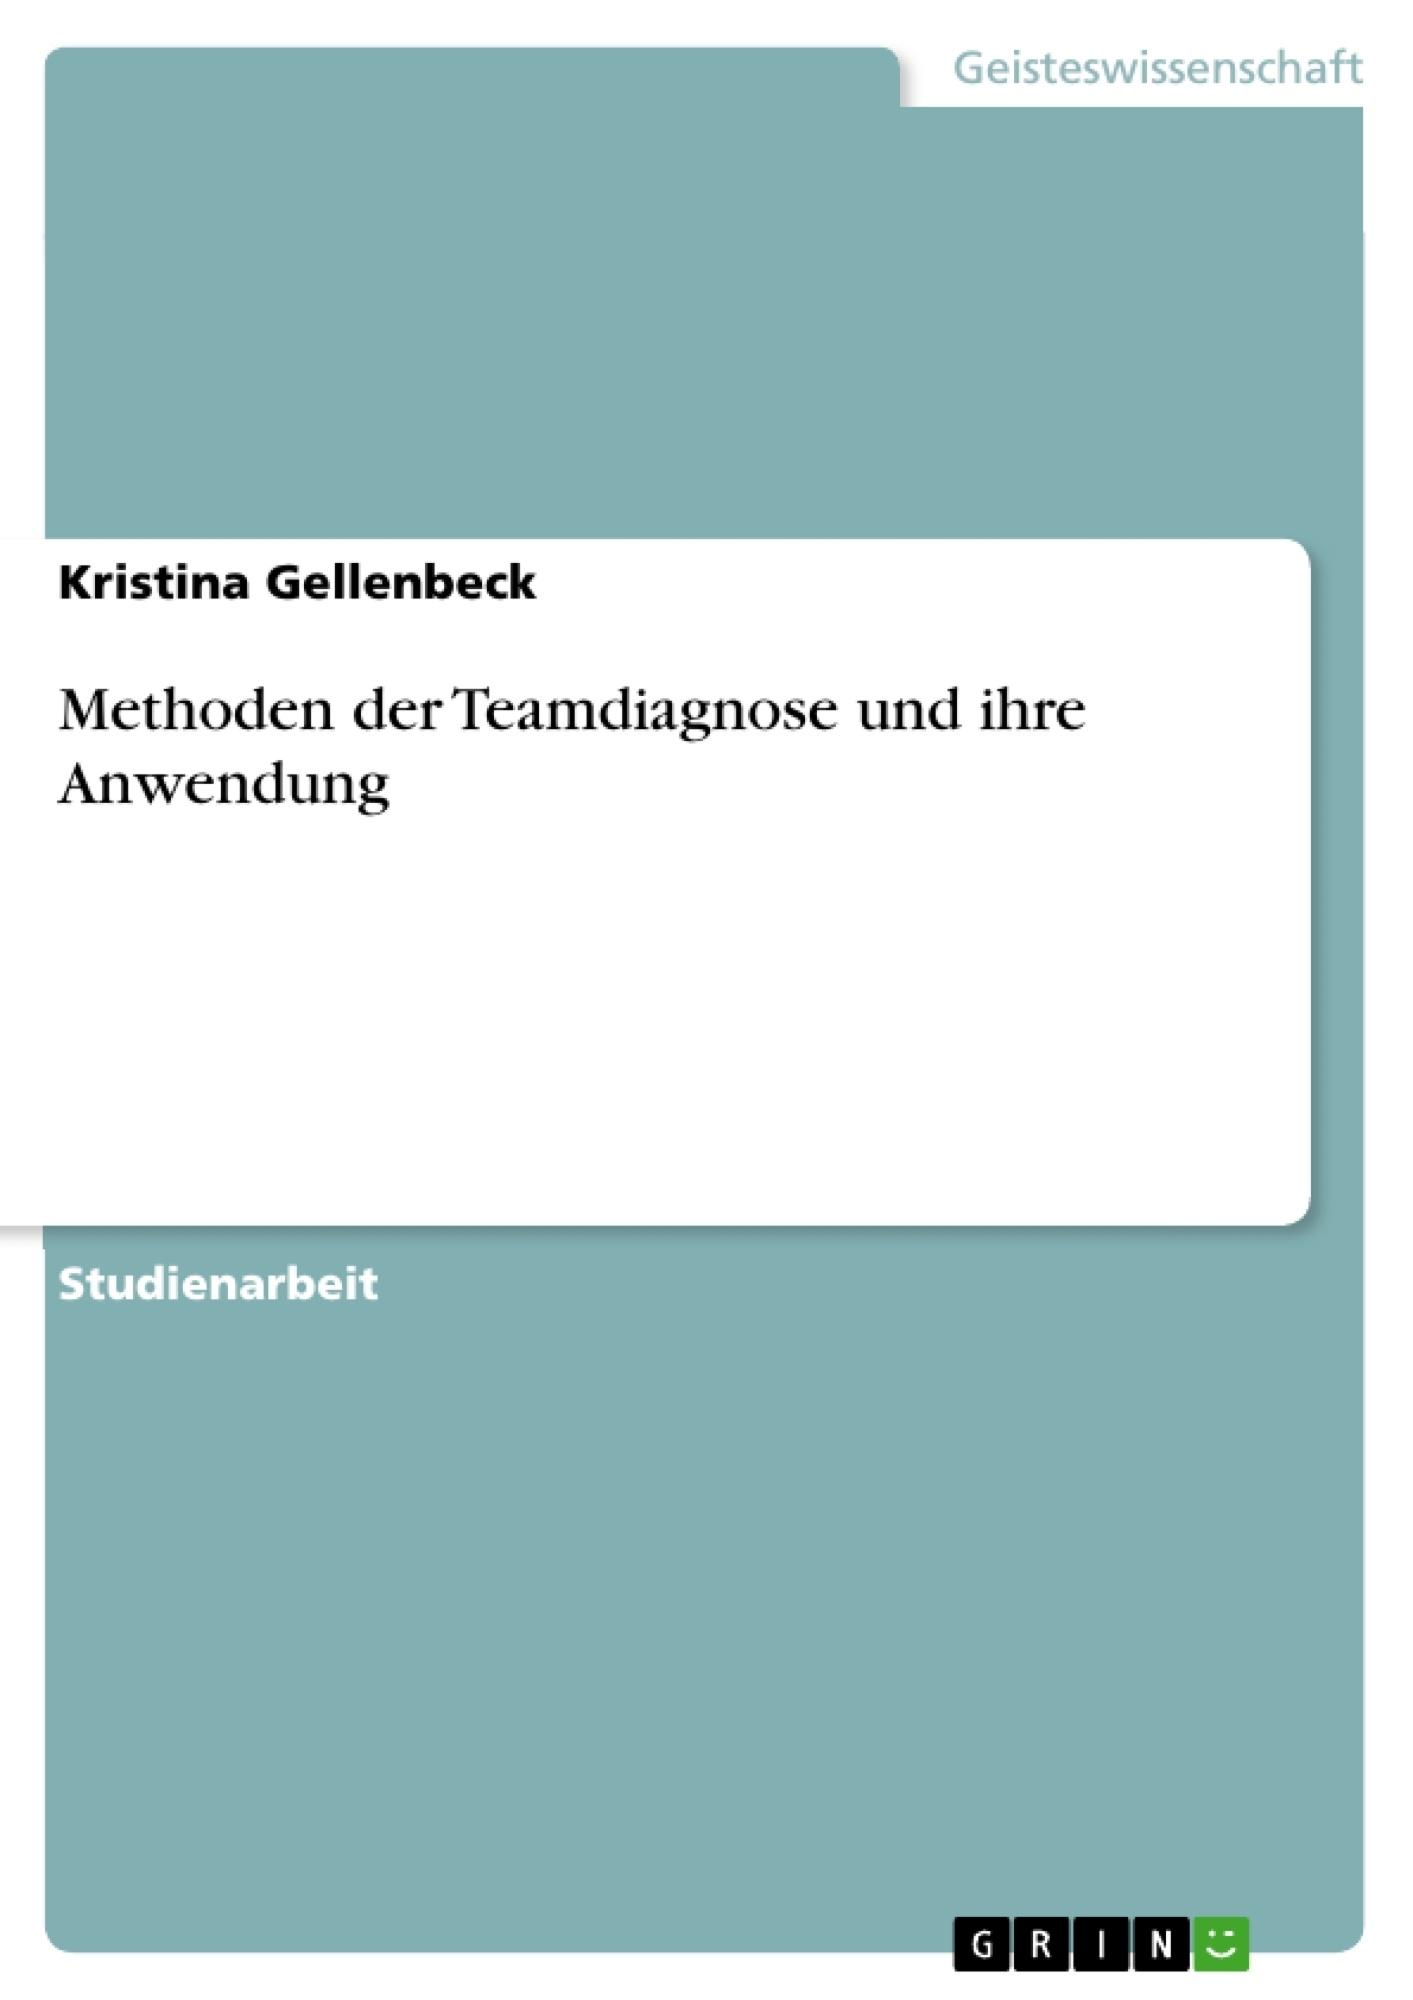 Titel: Methoden der Teamdiagnose und ihre Anwendung